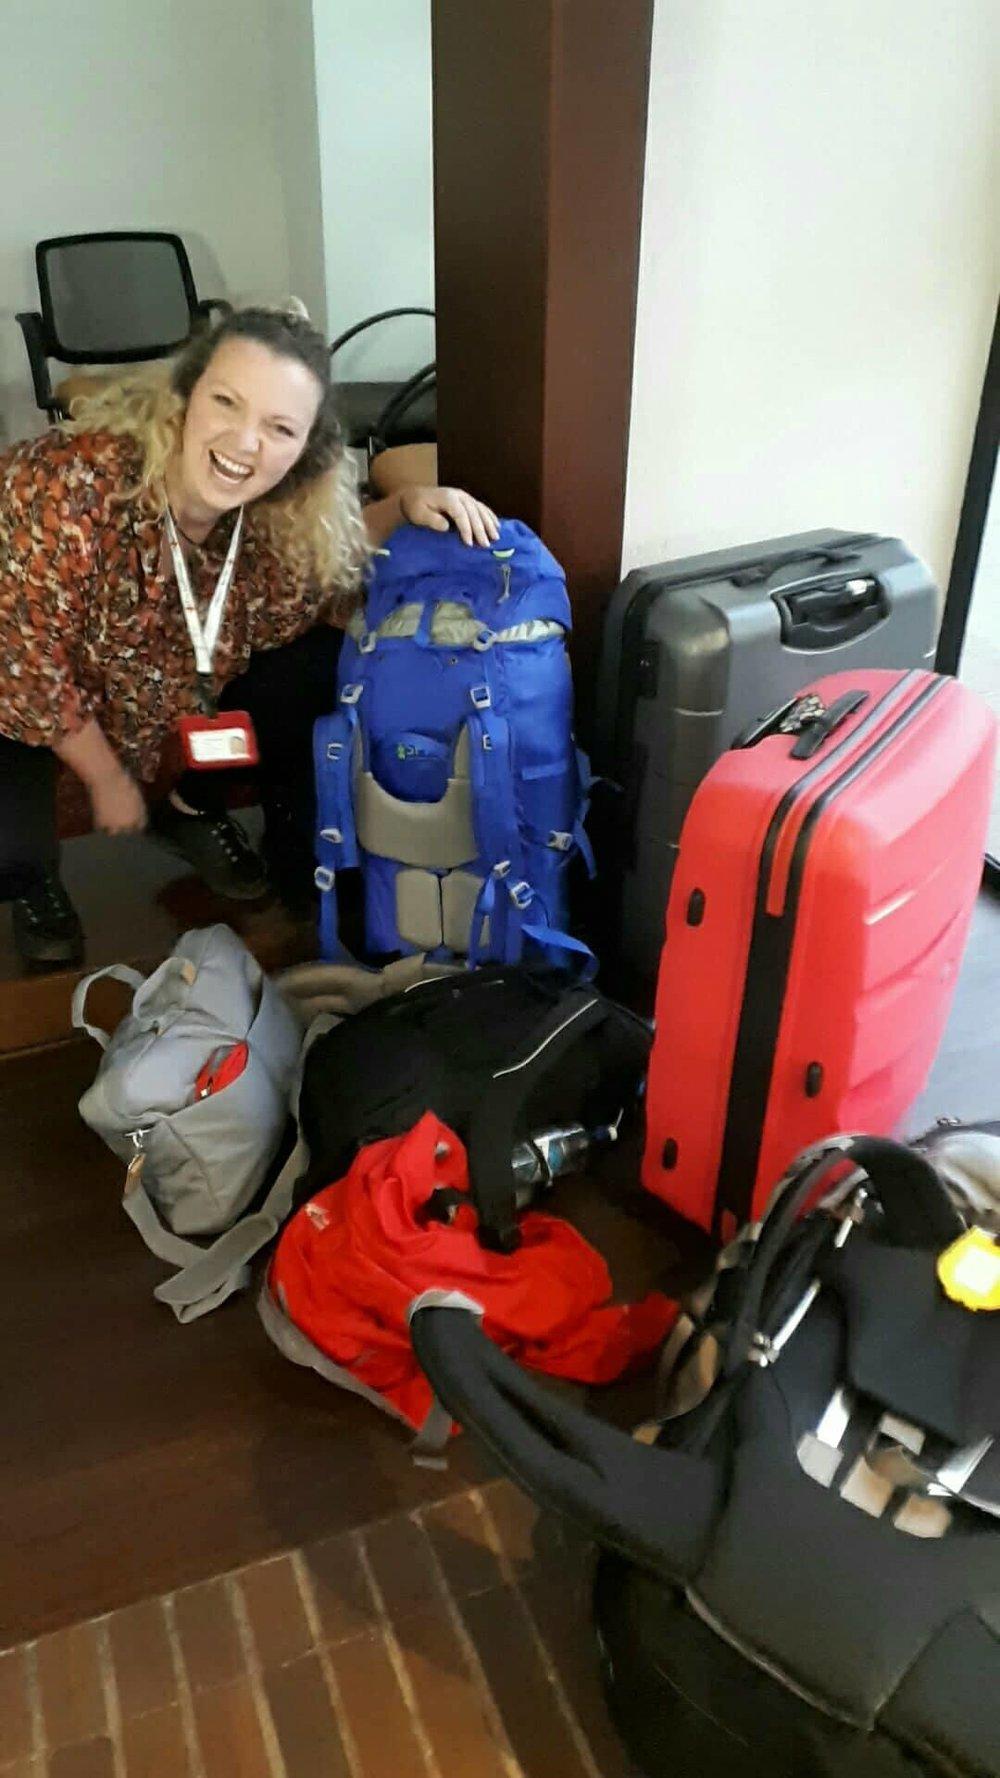 En nuestra viaje de Bogotáa Medellín con todo nuestra equipaje. Foto de: Kristine Nordås Toska, Cruz Roja Noruega.